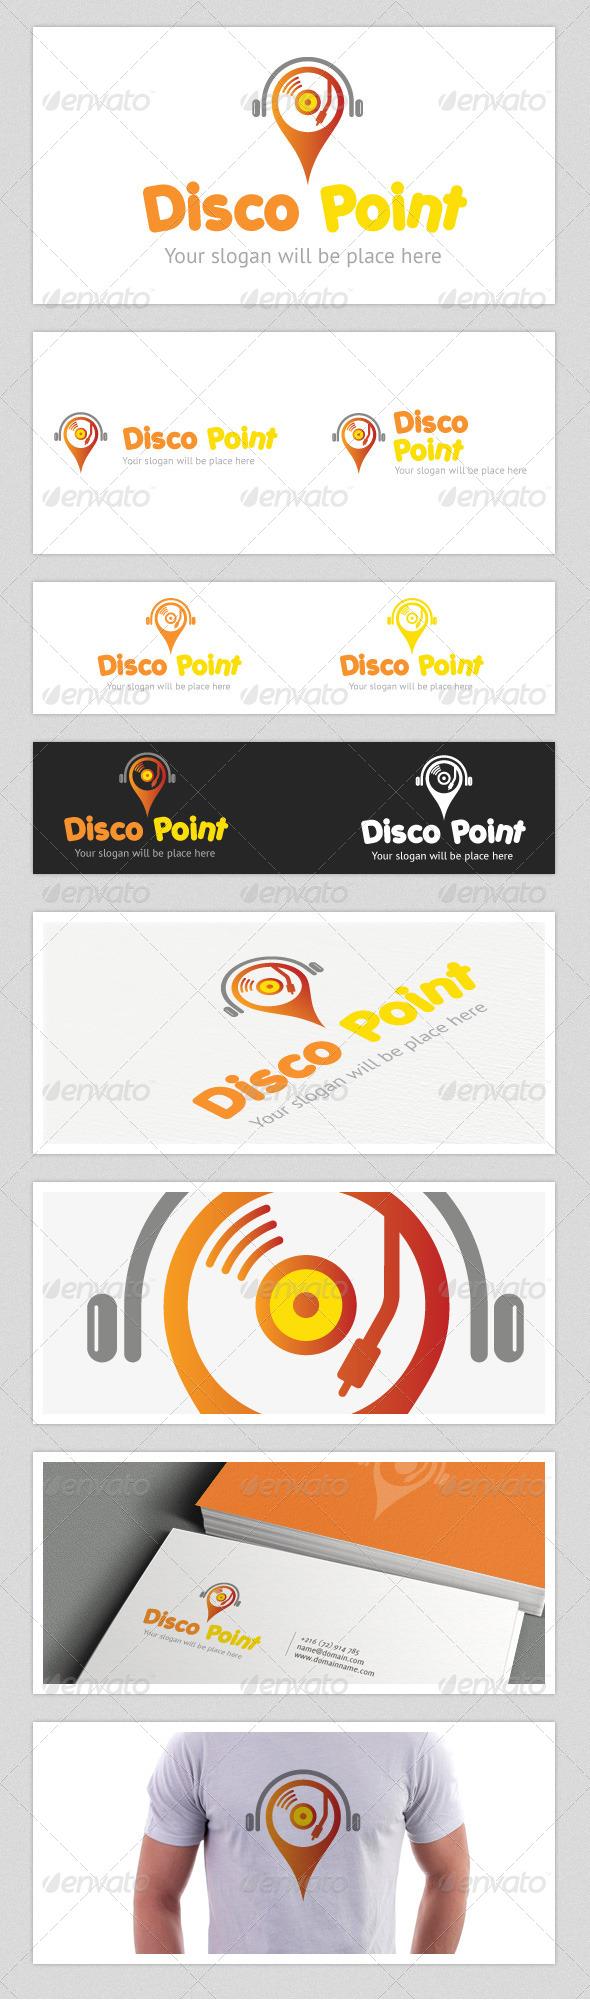 Disco Point Logo - Vector Abstract